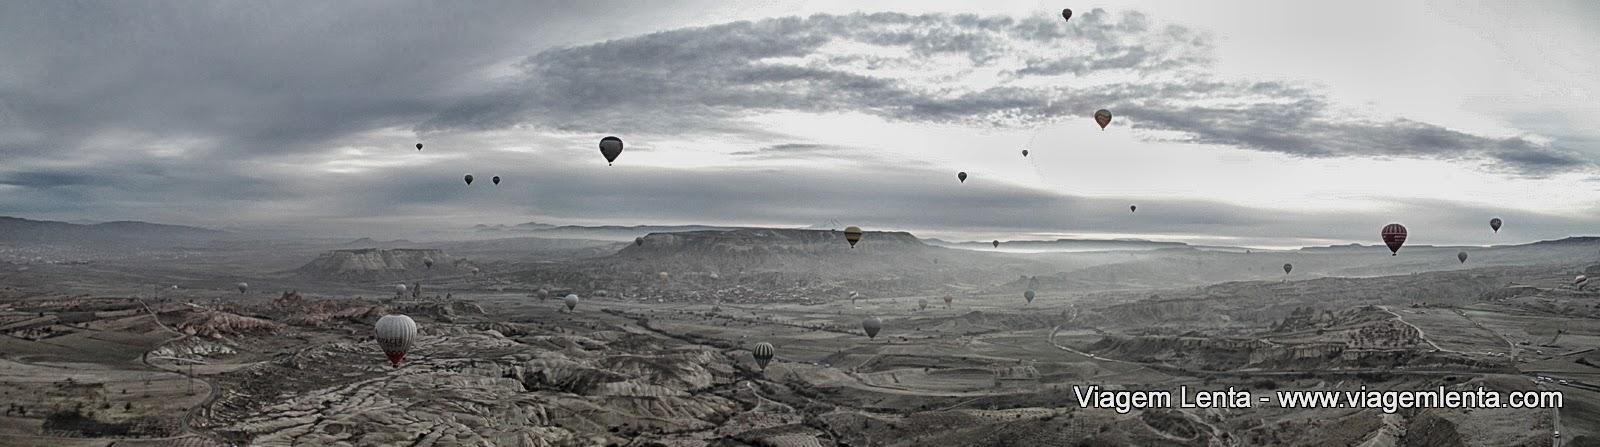 Relato de viagem à Capadócia, com estadia em Goreme, na Turquia e passeio de balão, visitas à cidade subterrânea de Derinkuyu, hiking no Ihlara Valley...